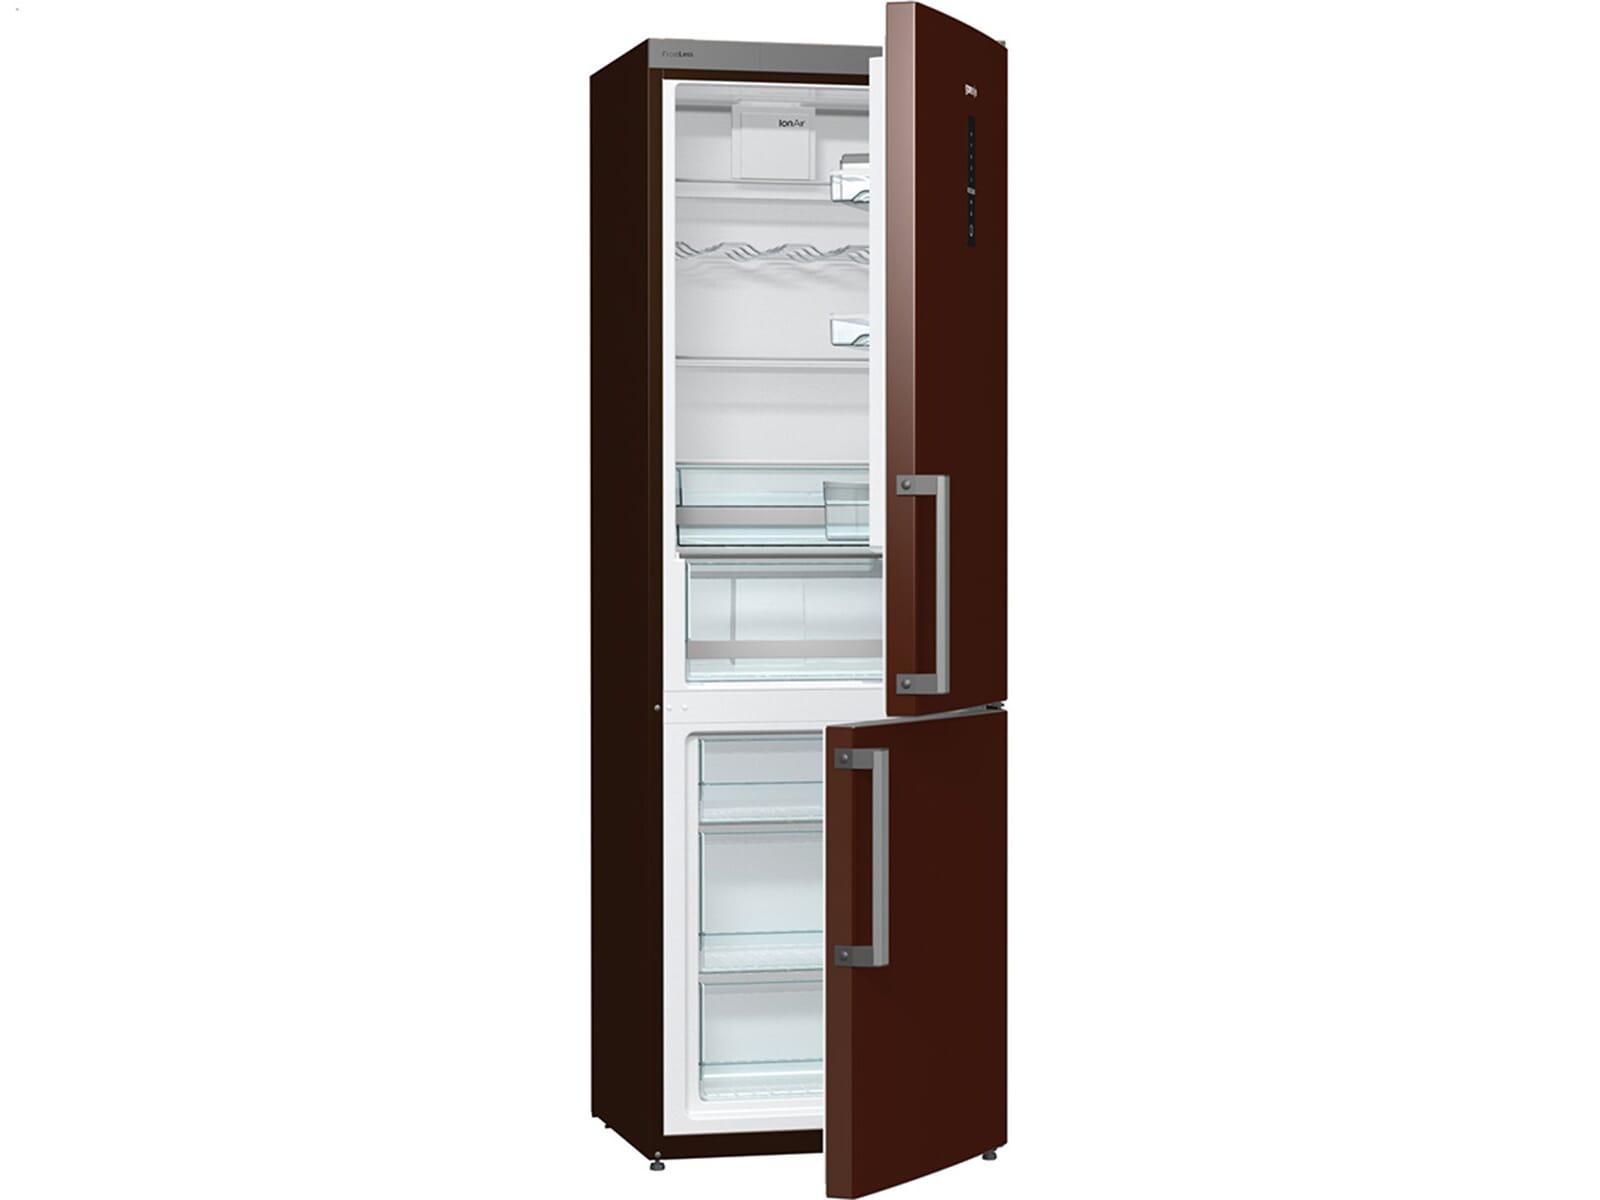 Gorenje Kühlschrank Vw Bulli Kaufen : Gorenje obrb r kühlschrank mit gefrierfach rot edelstahl